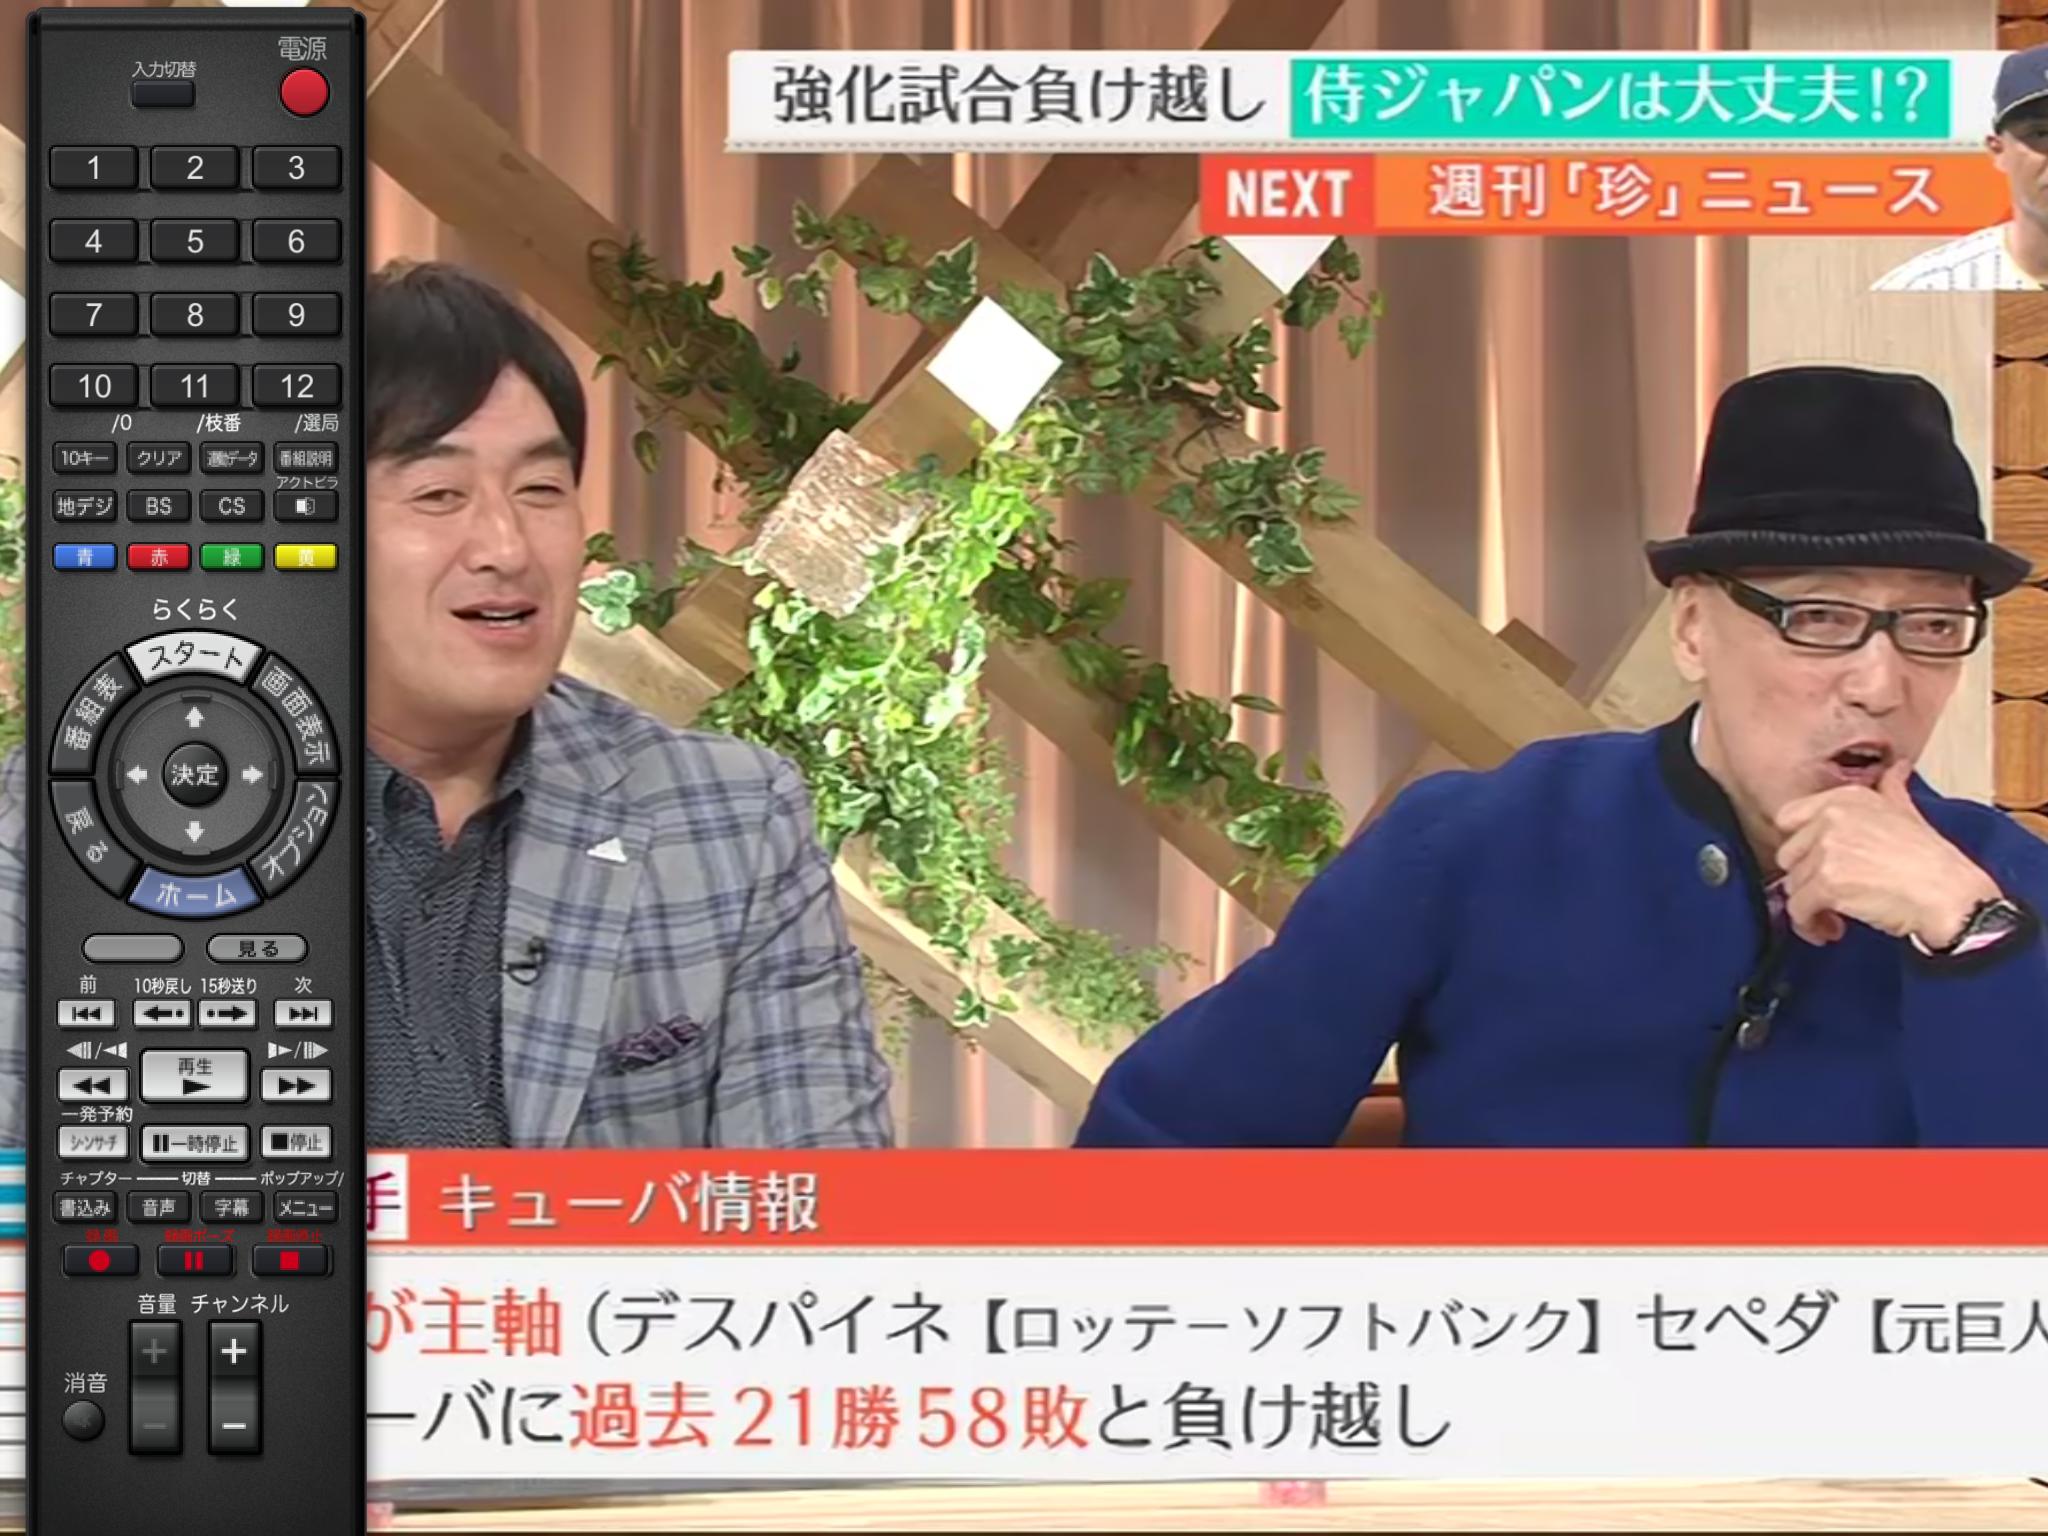 Controlando la Slingbox remotamente, con la TV japonesa